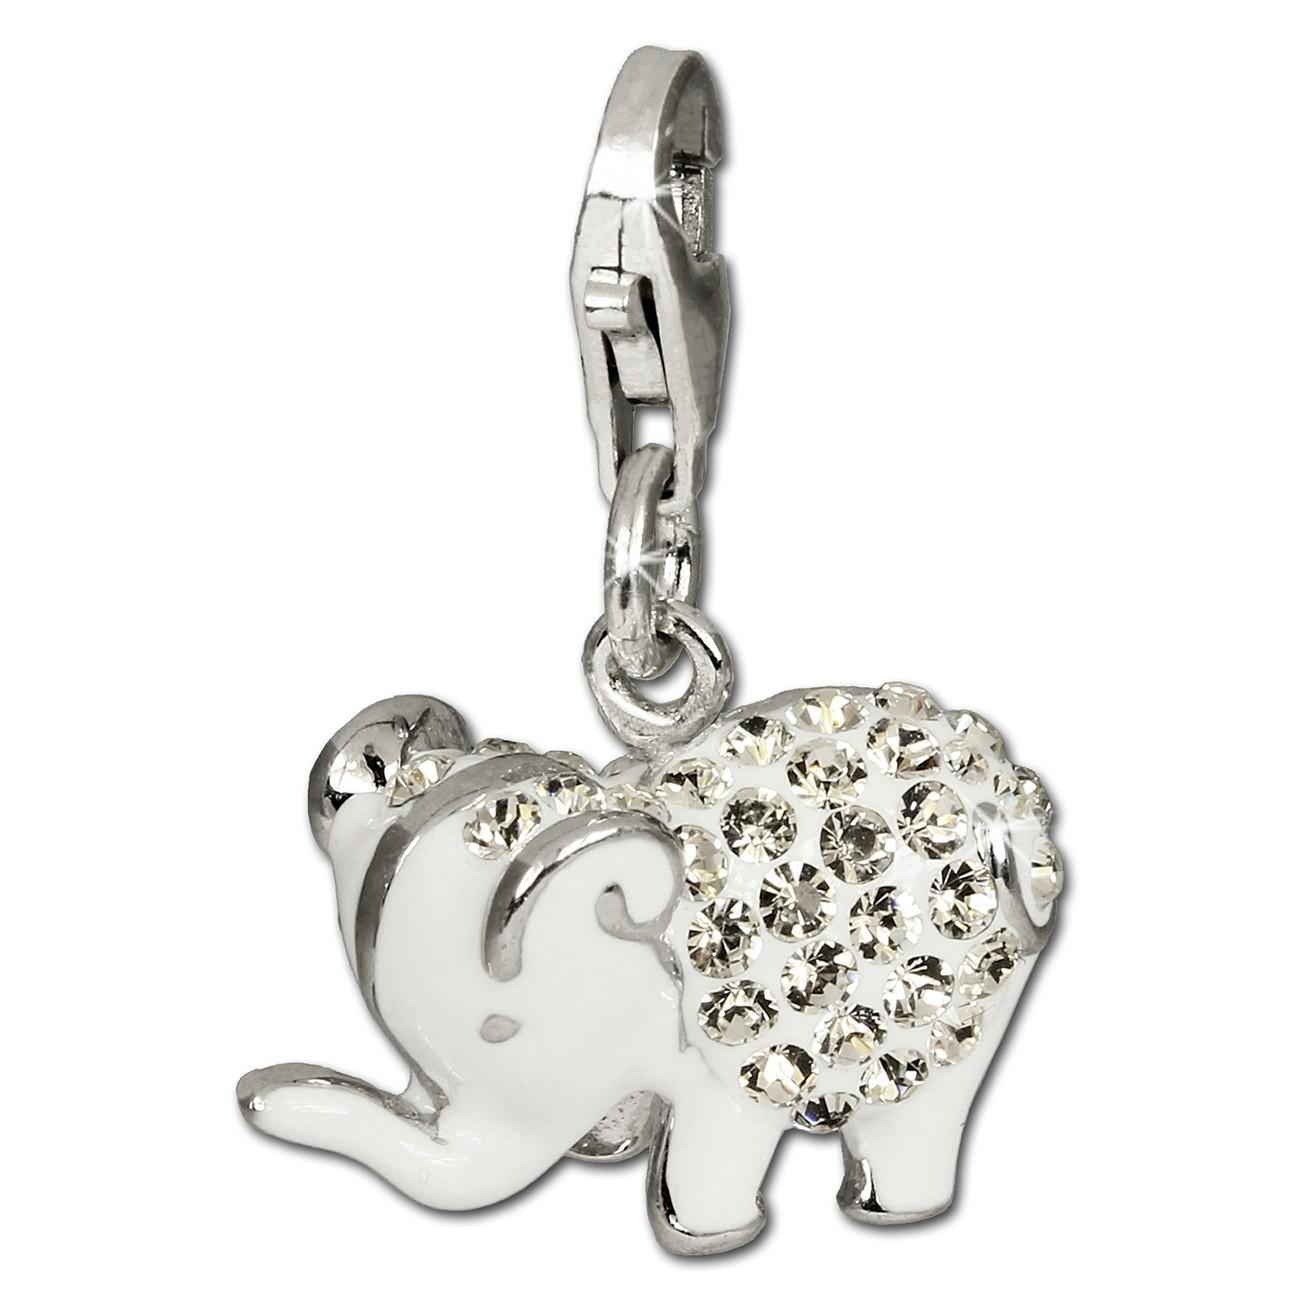 SilberDream Glitzer Charm Elefant weiß Zirkonia Kristalle GSC510W